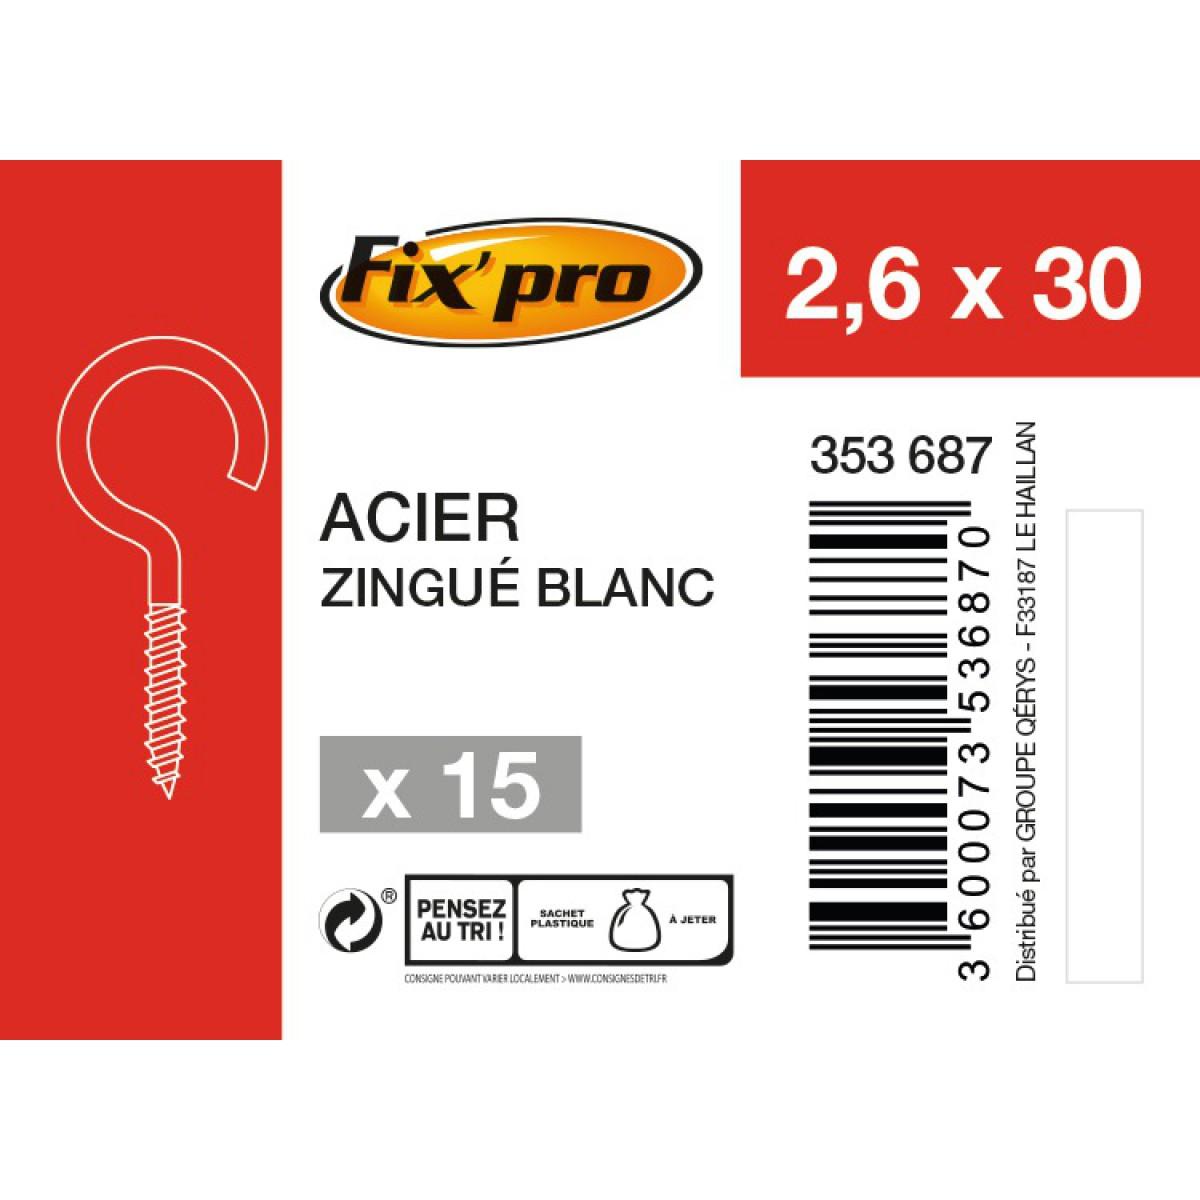 Crochet à visser acier zingué - 2,6x30 - 15pces - Fixpro